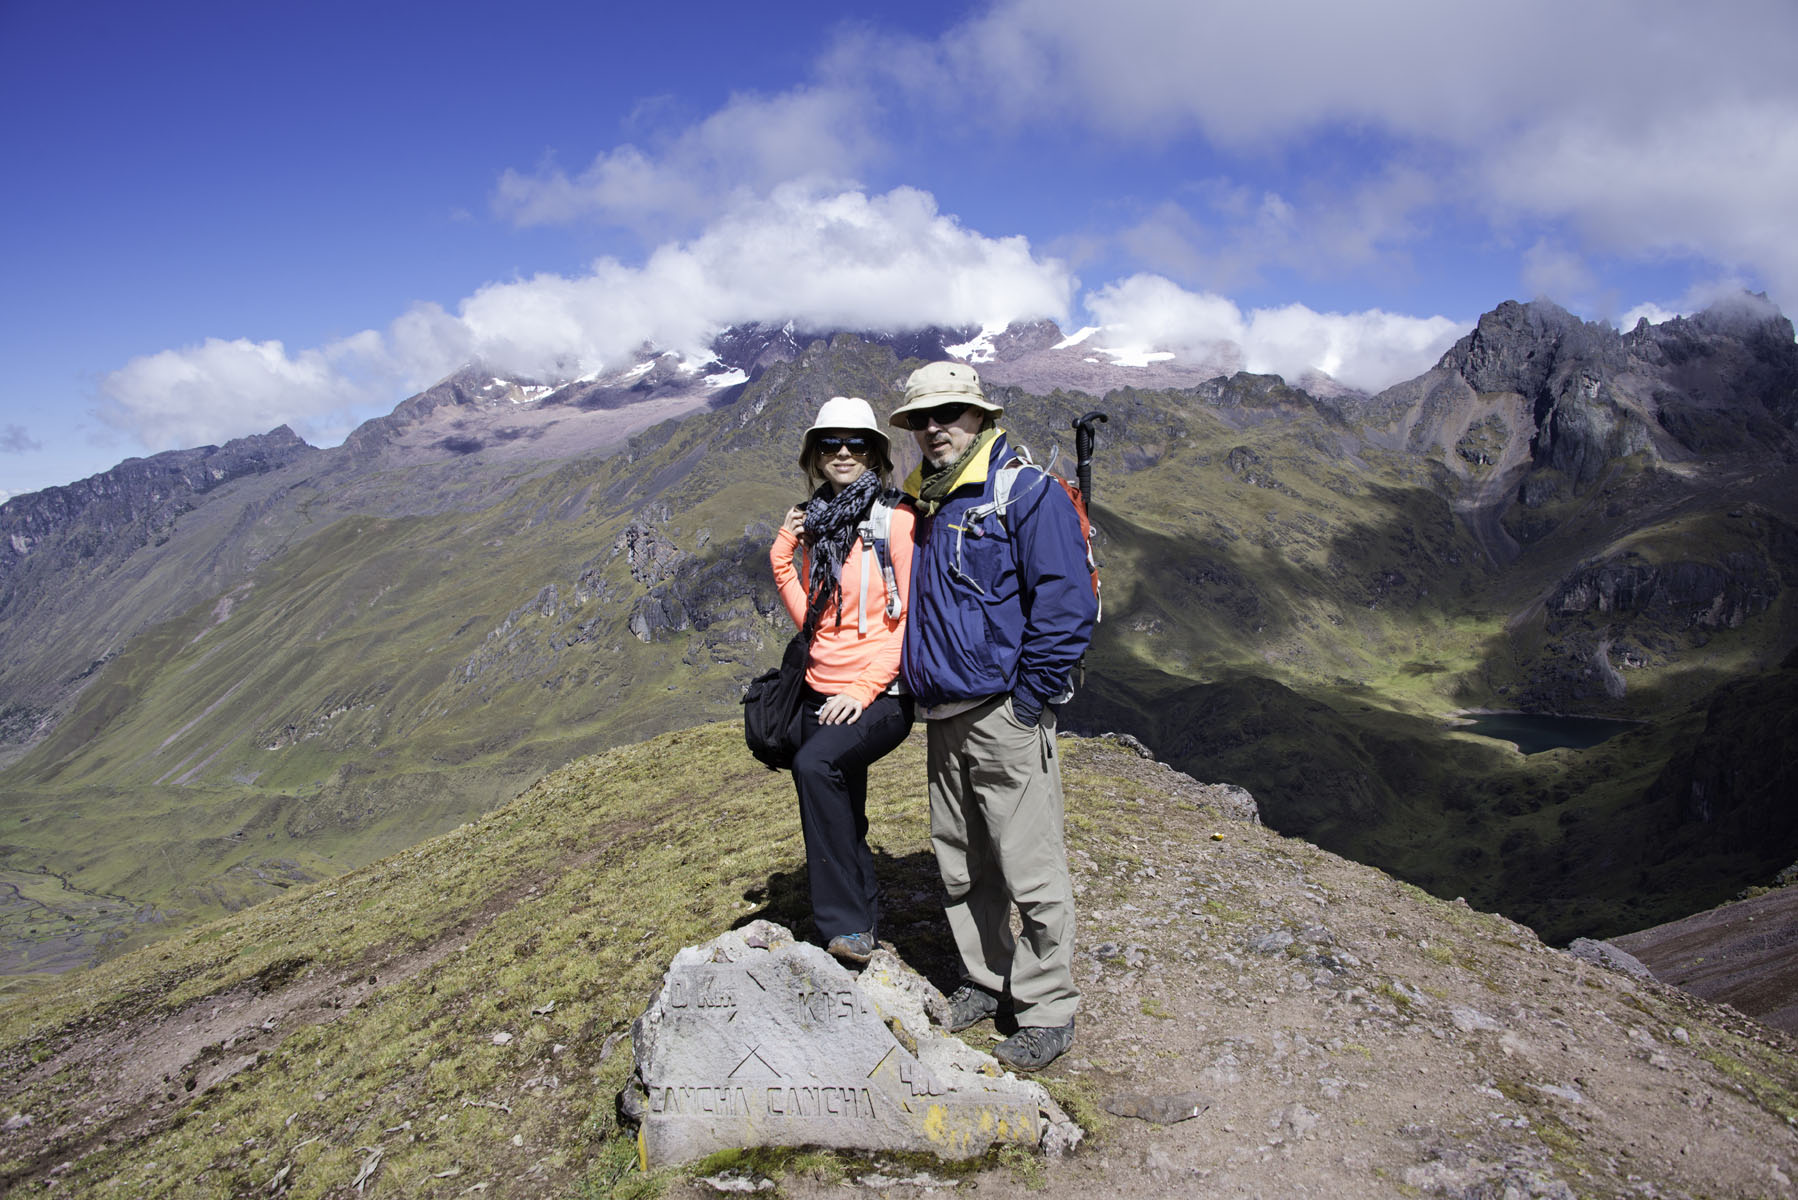 254-Peru-5-15_web.jpg